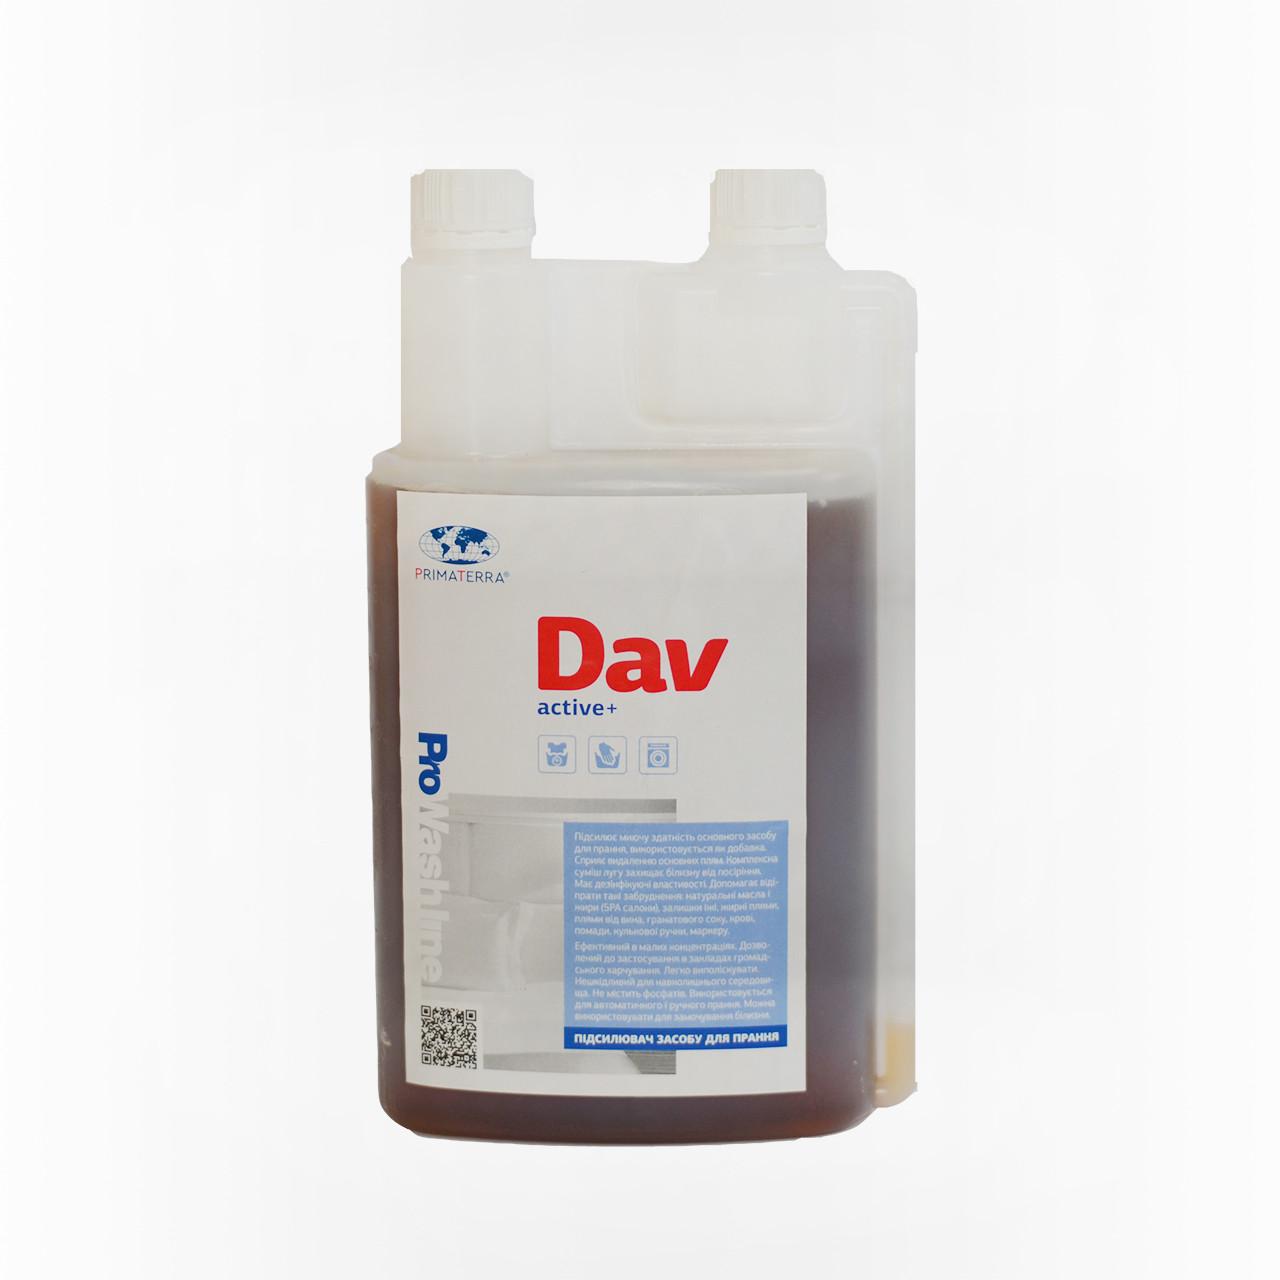 Підсилювач лужності, добавка до прального порошку PRIMATERRA DAV Active+ (1,2кг)